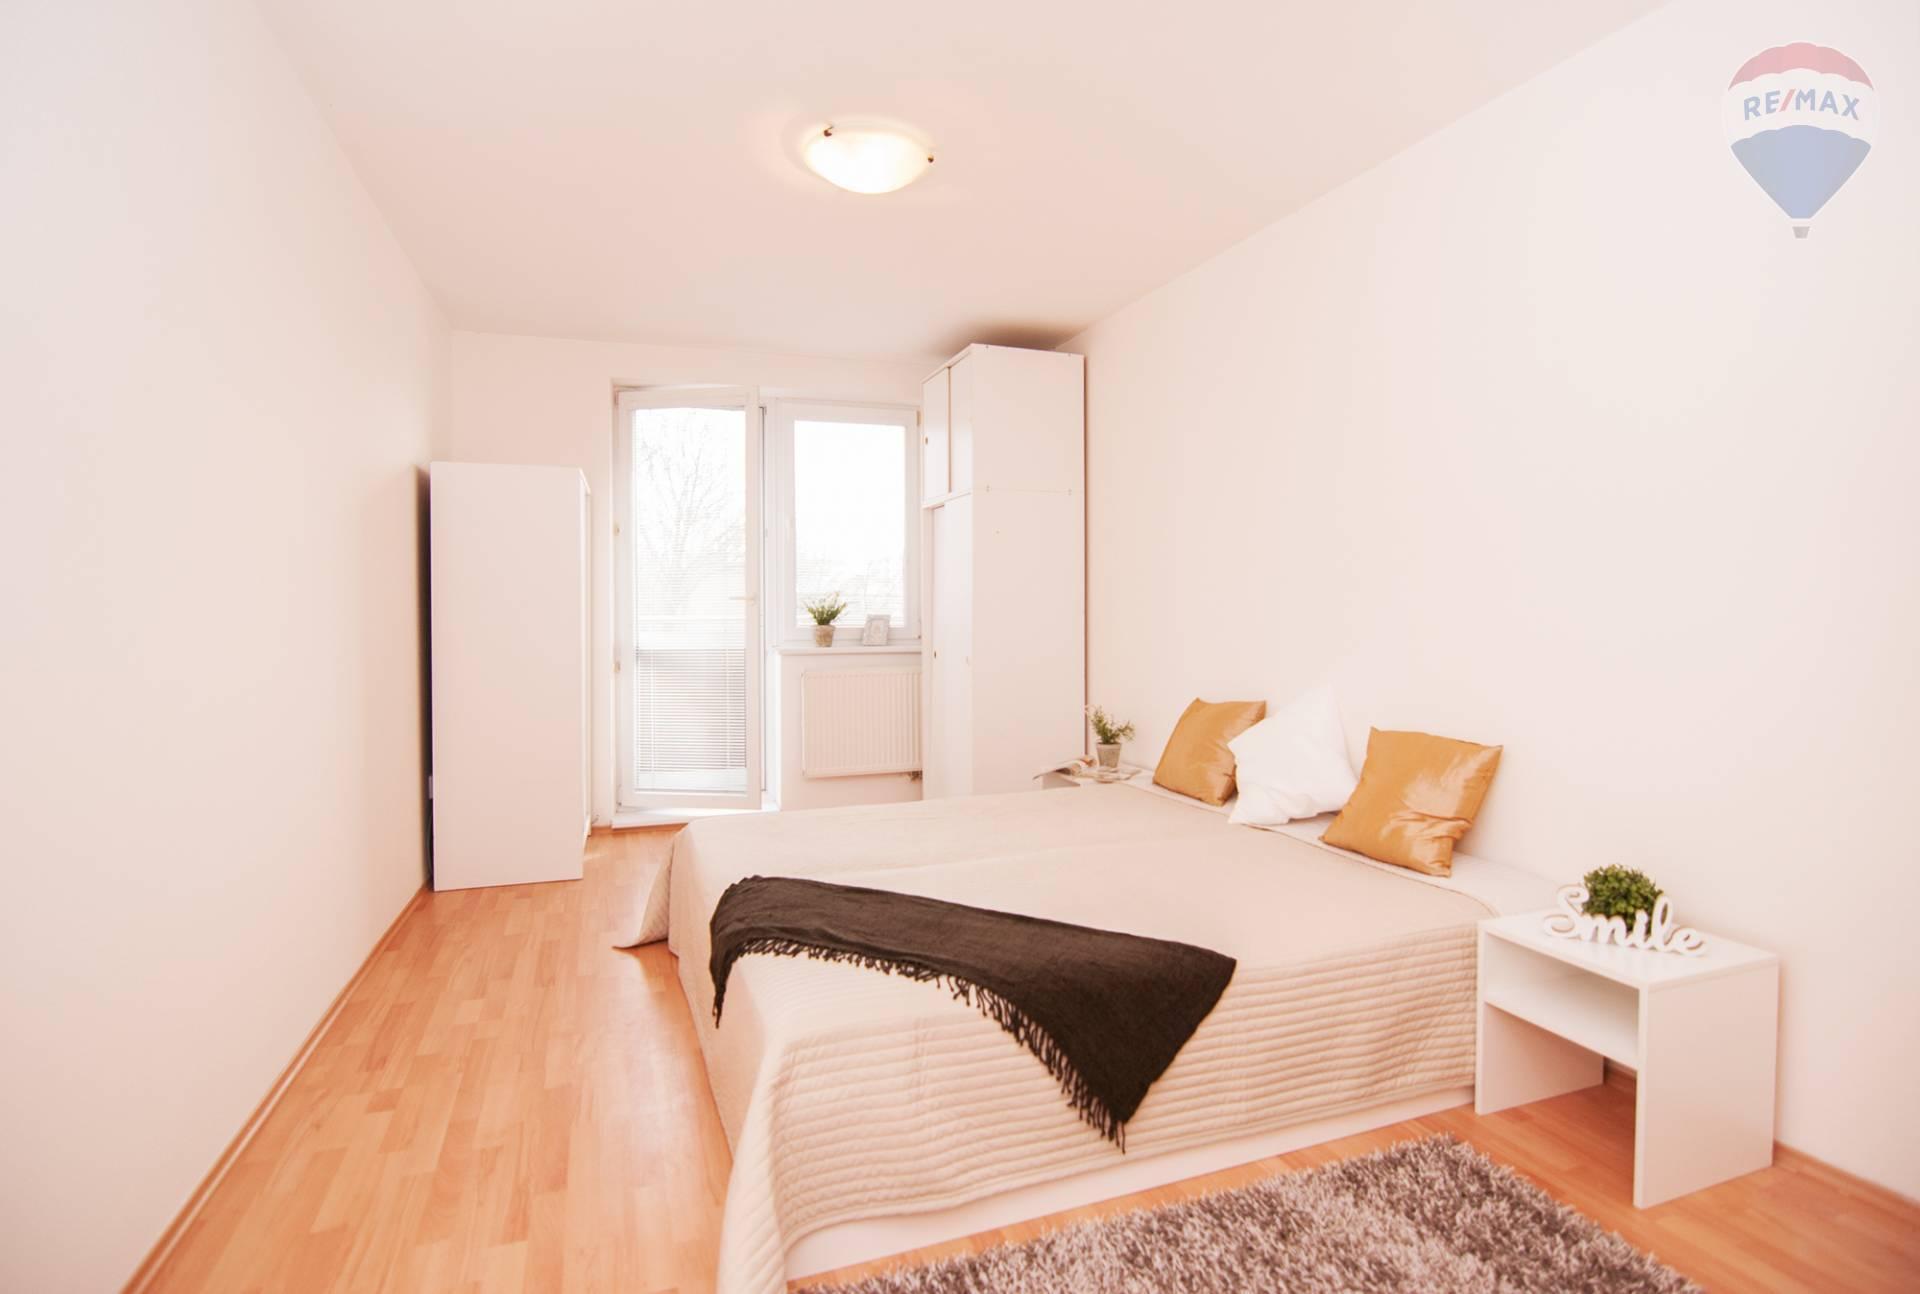 ** NOVINKA ** Na predaj priestranný 3 izbový byt s dvoma loggiami, šatníkom a komorou